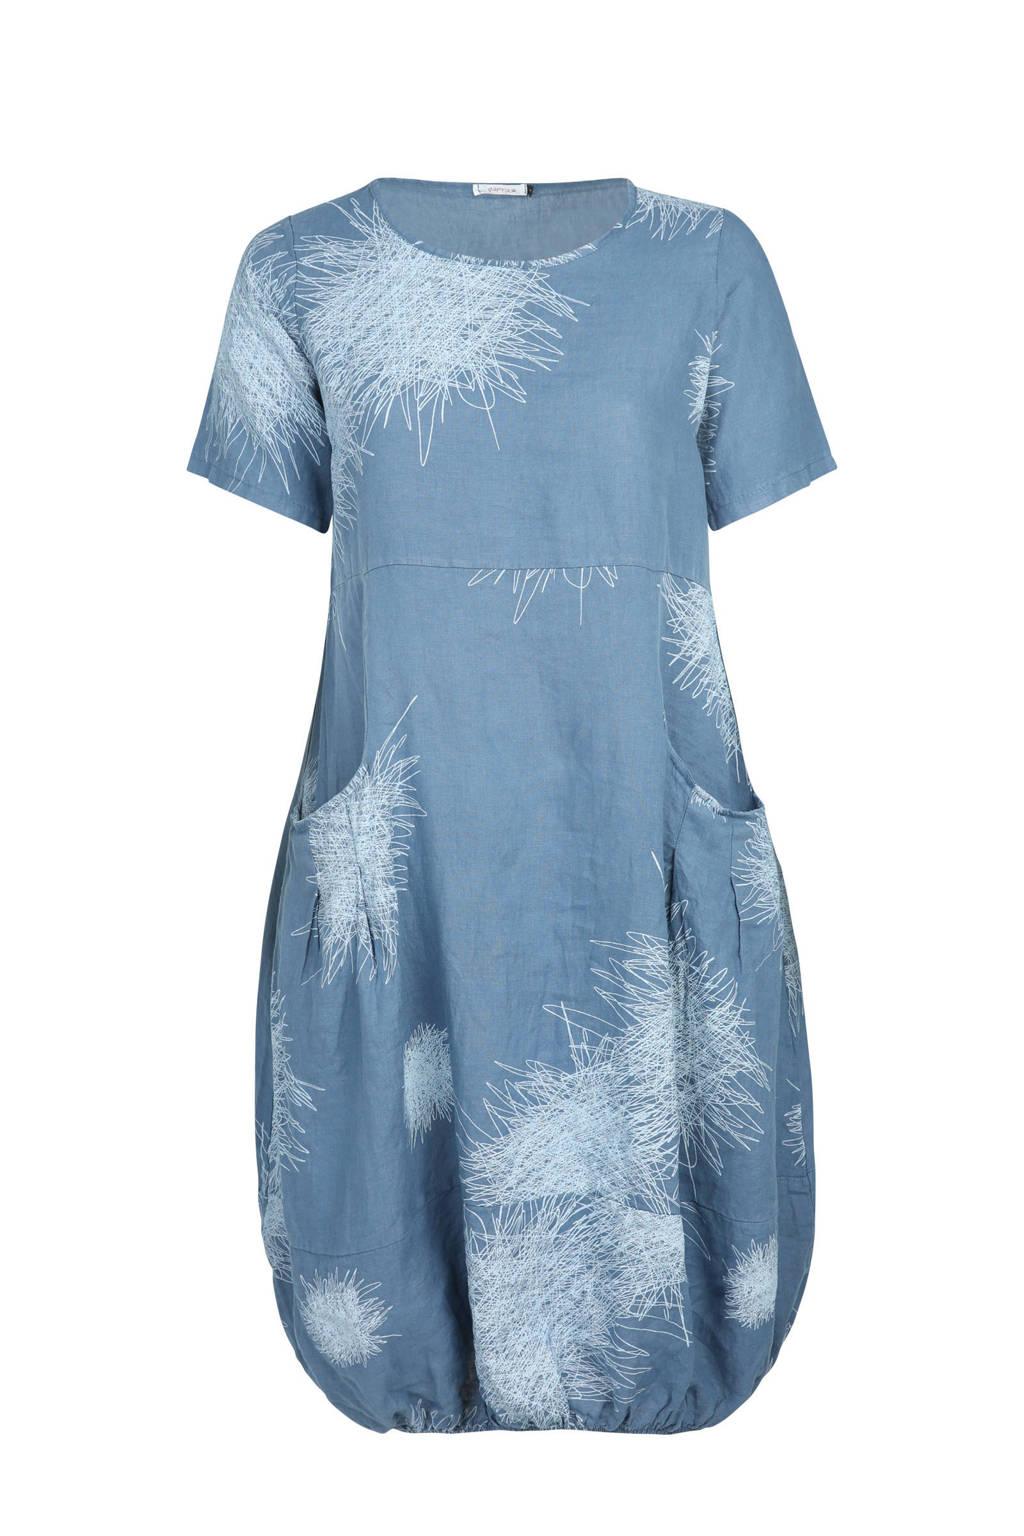 Paprika linnen jurk met allover print, Lichtblauw